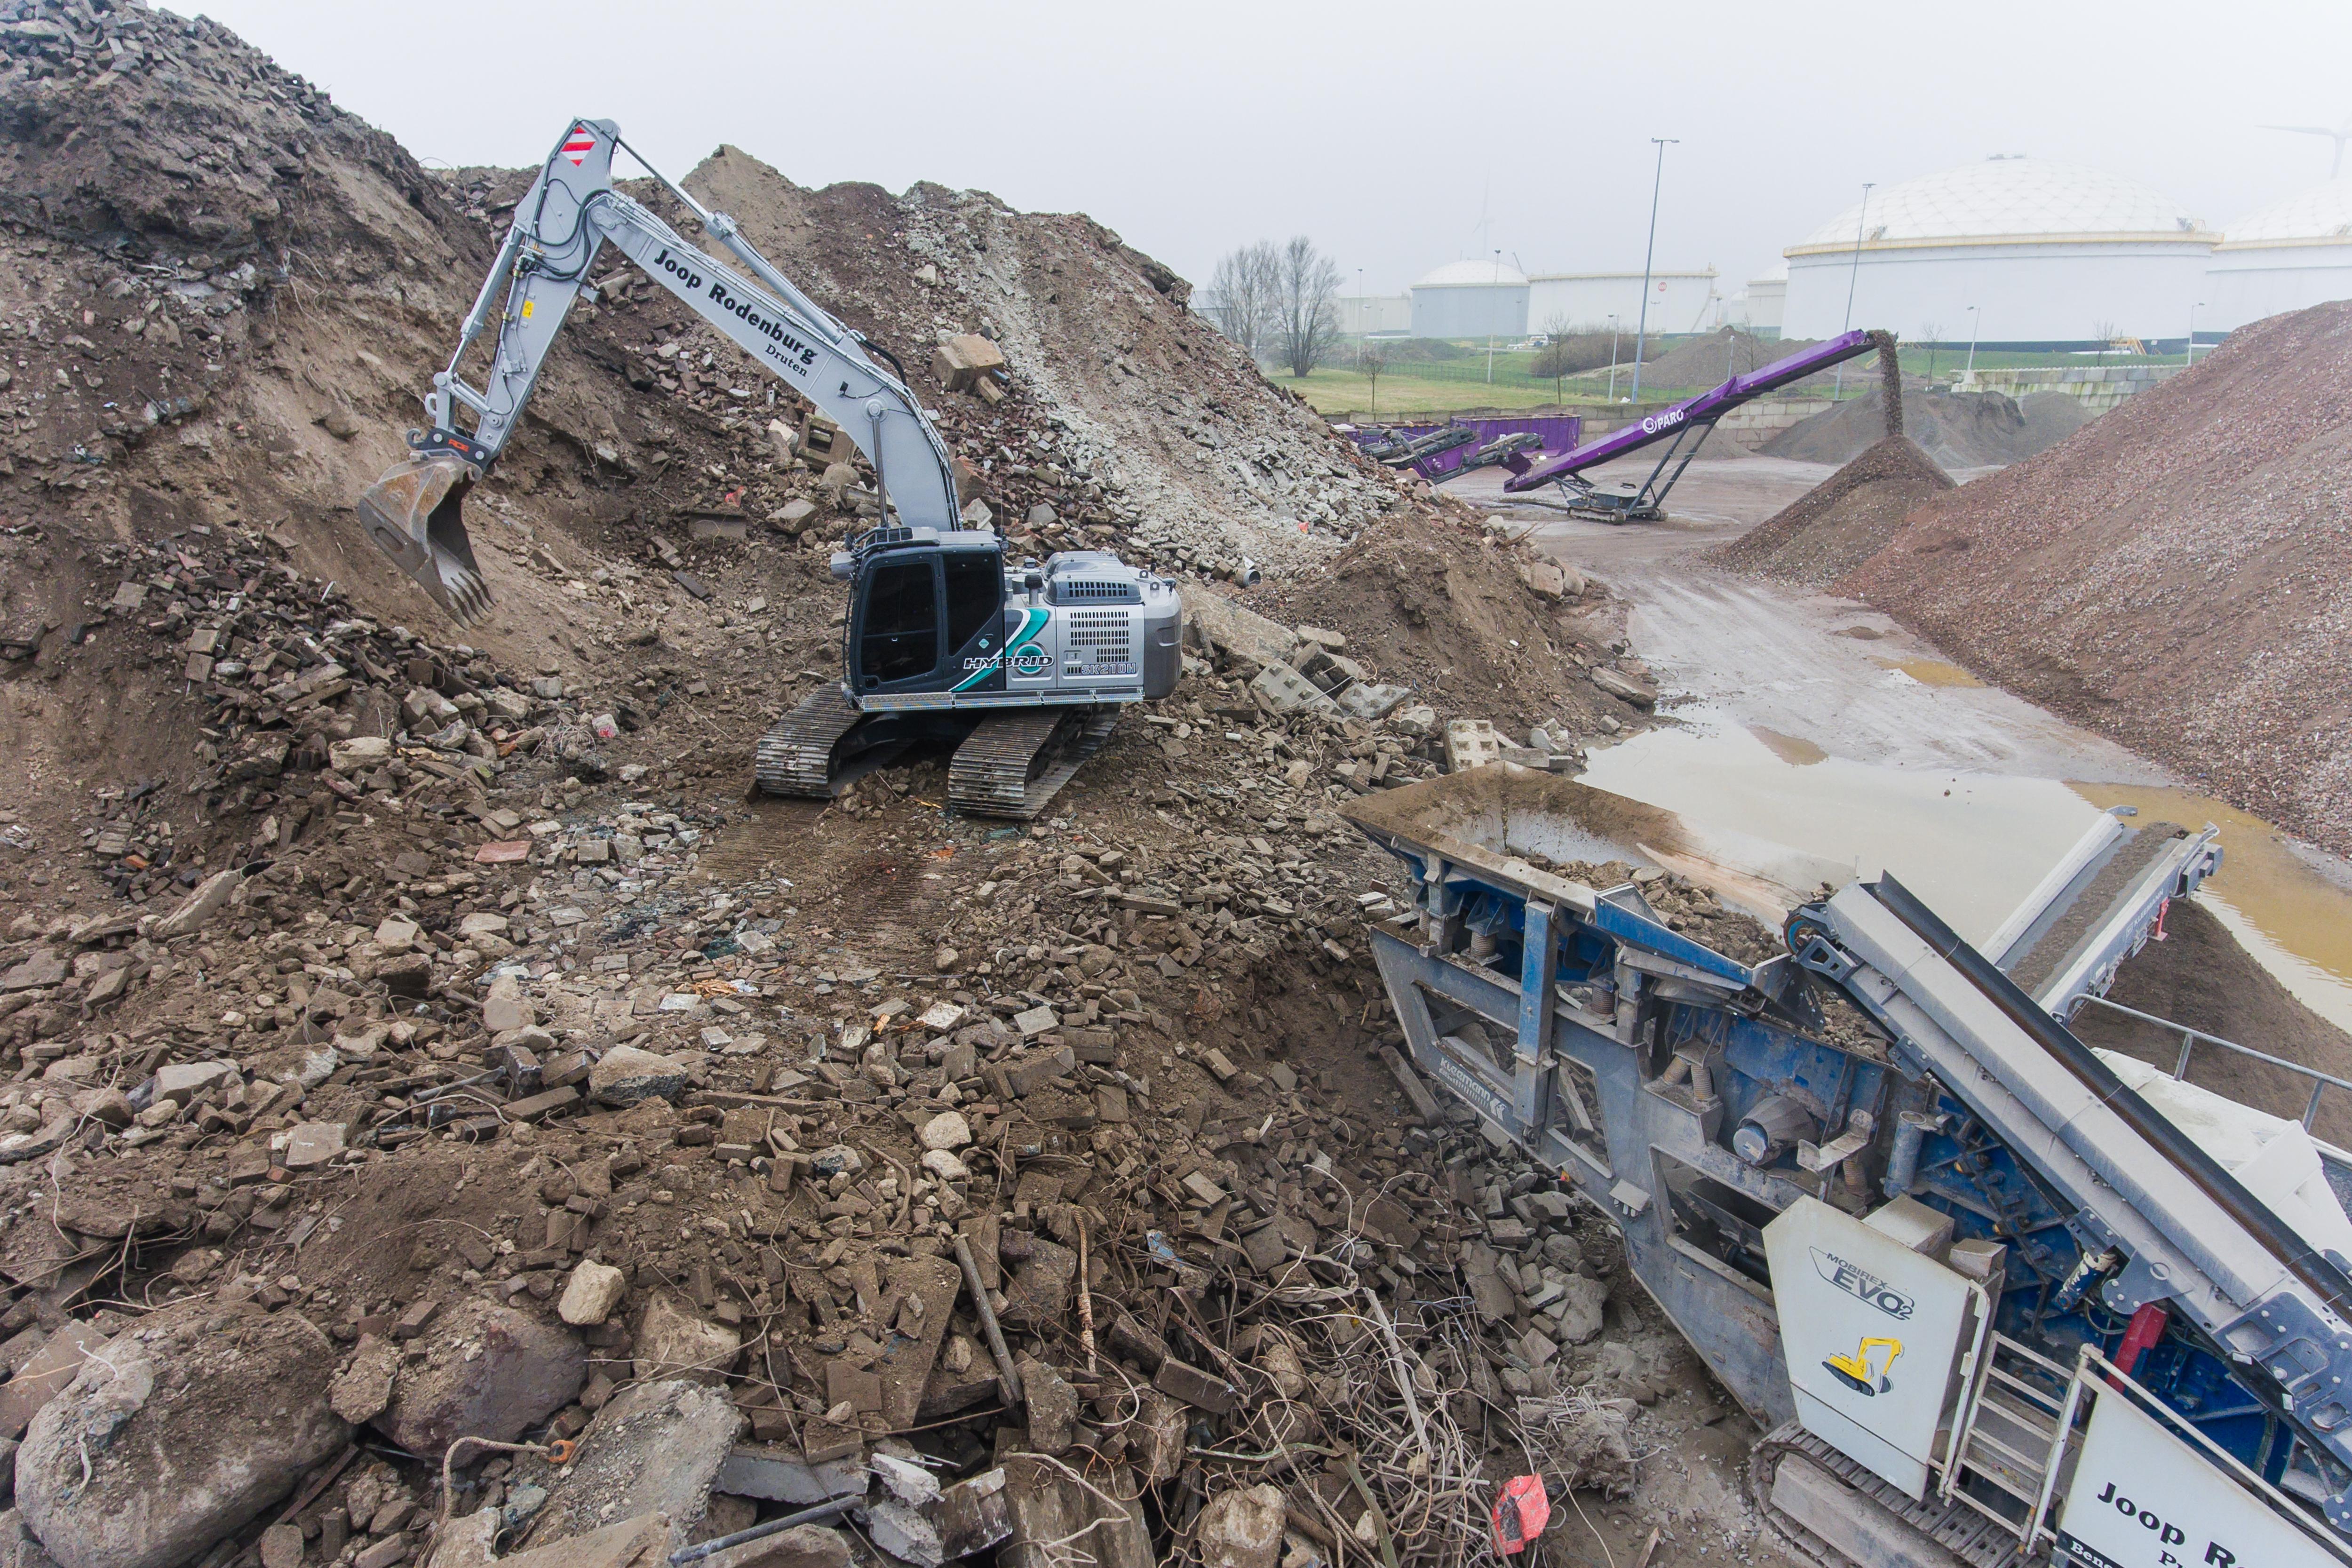 <p>De nieuwe Kobelco van Rodenburg in actie bij afvalverwerker Paro in Amsterdam. 'Deze machine zwenkt fijner dan een diesel.'</p>